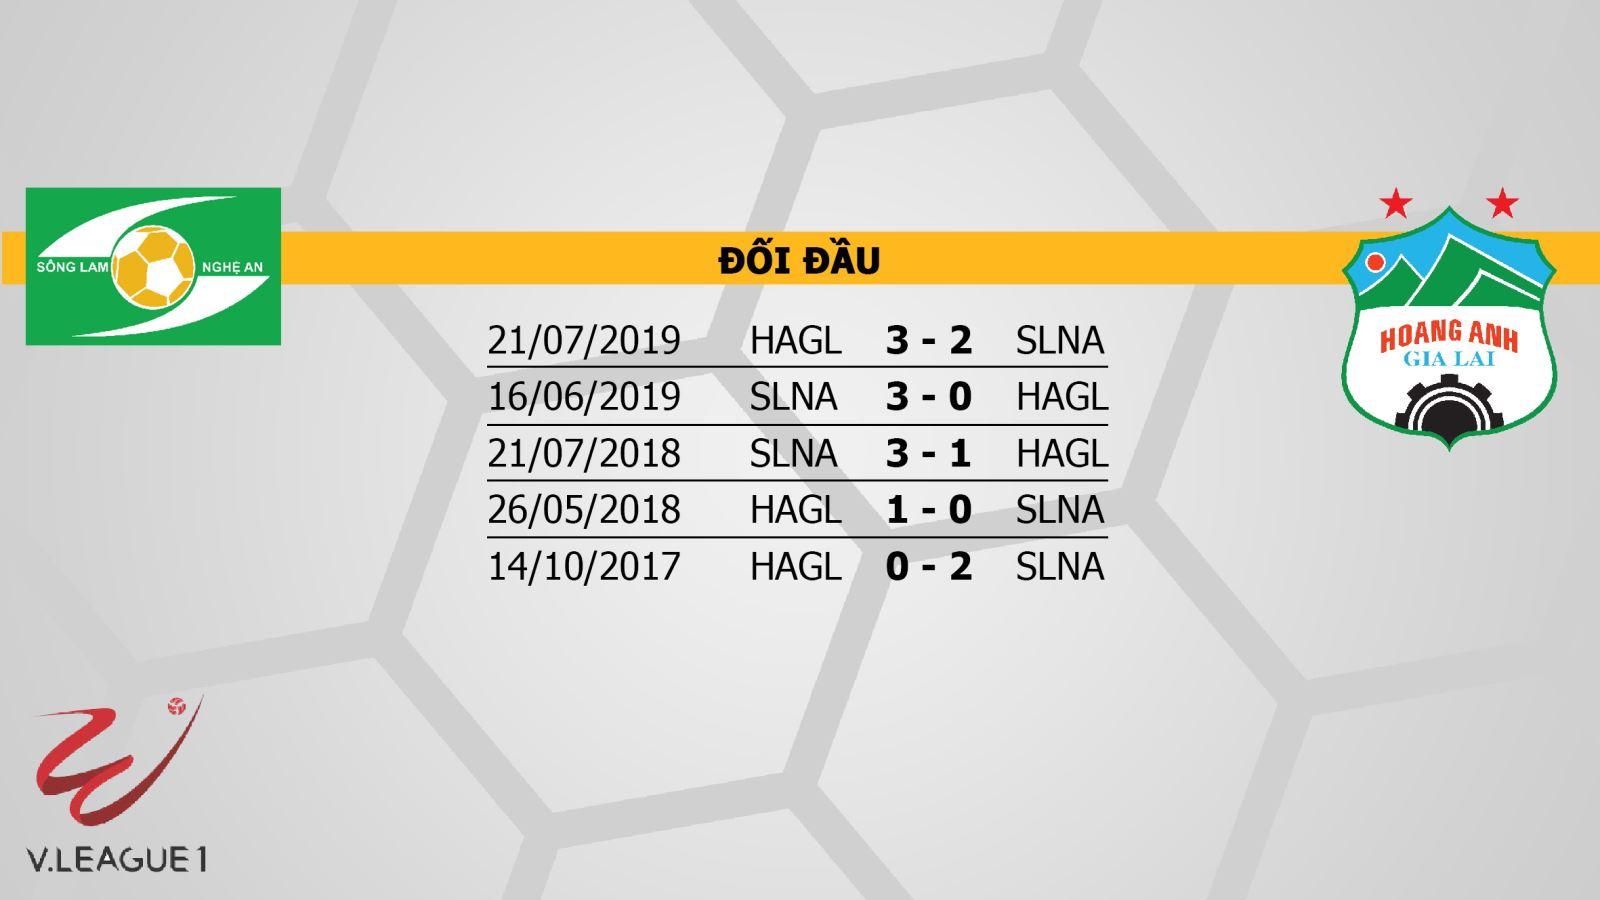 Keo nha cai, kèo nhà cái, SLNA vs HAGL, trực tiếp bóng đá, VTV6, BĐTV, Trực tiếp bóng đá V-League 2020, trực tiếp bóng đá Việt Nam, trực tiếp SLNA vs HAGL, kèo bóng đá